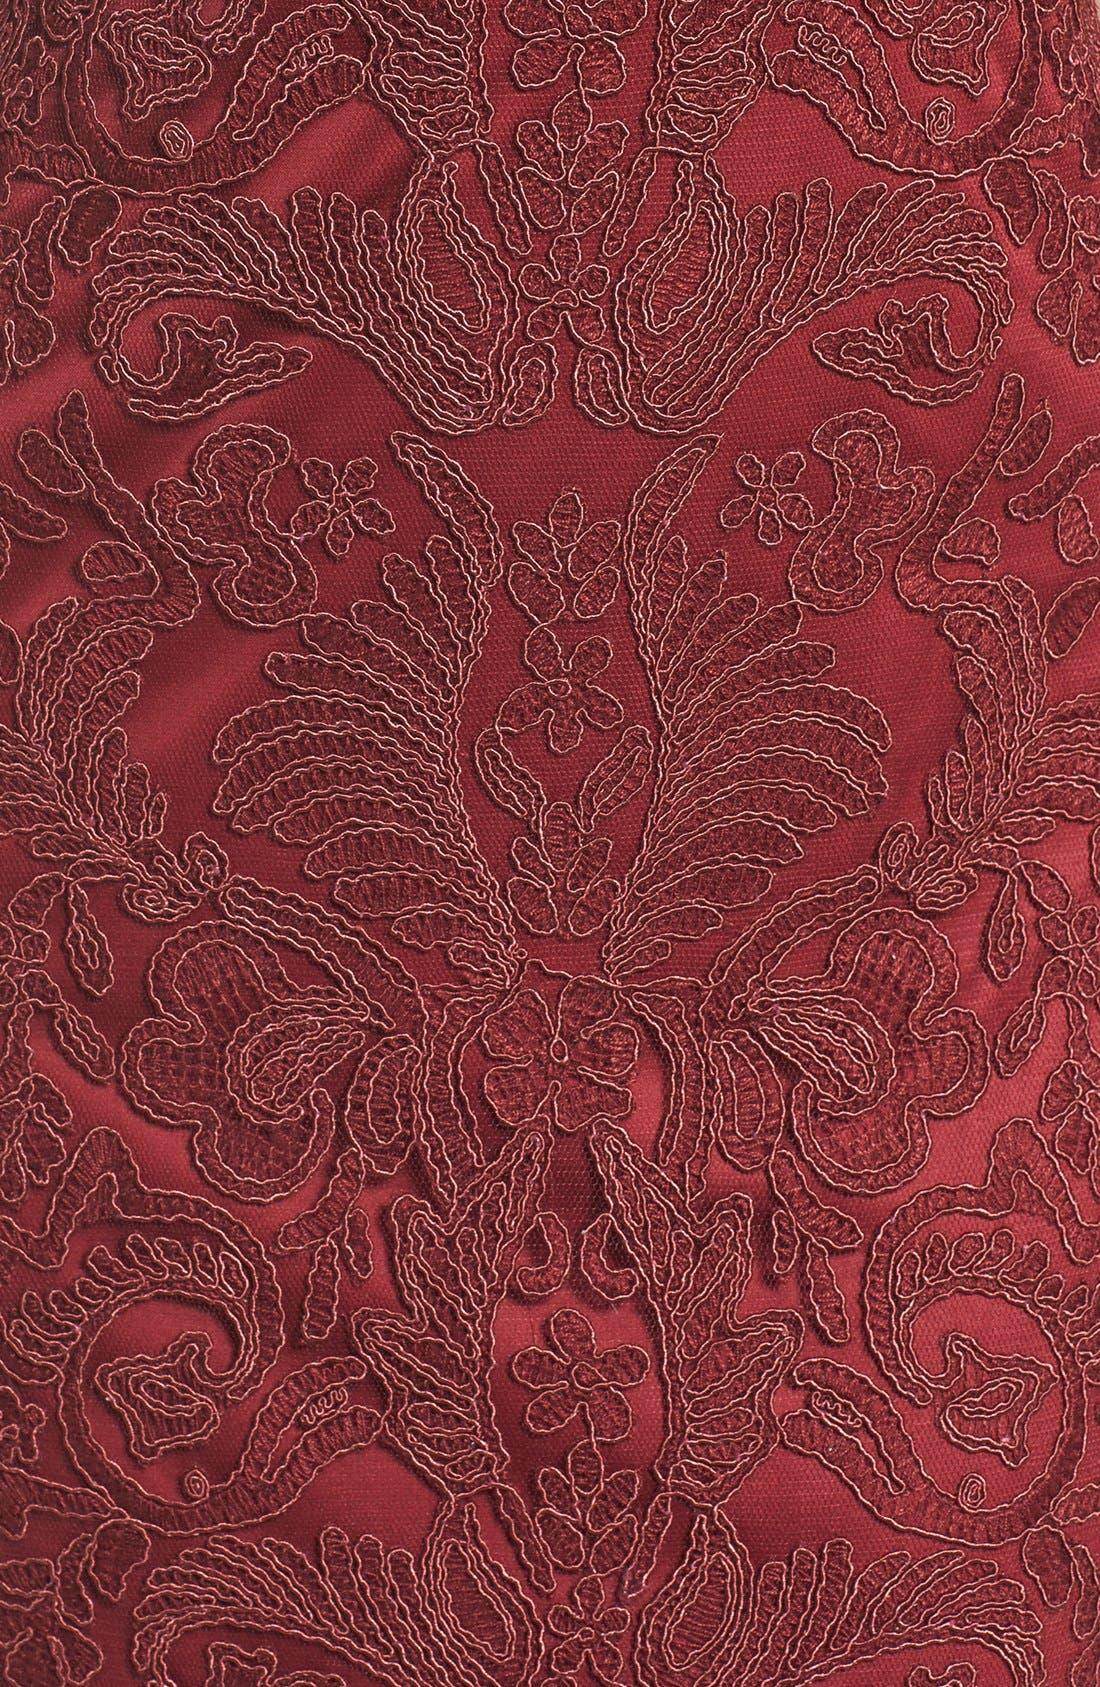 Illusion Yoke Lace Sheath Dress,                             Alternate thumbnail 115, color,